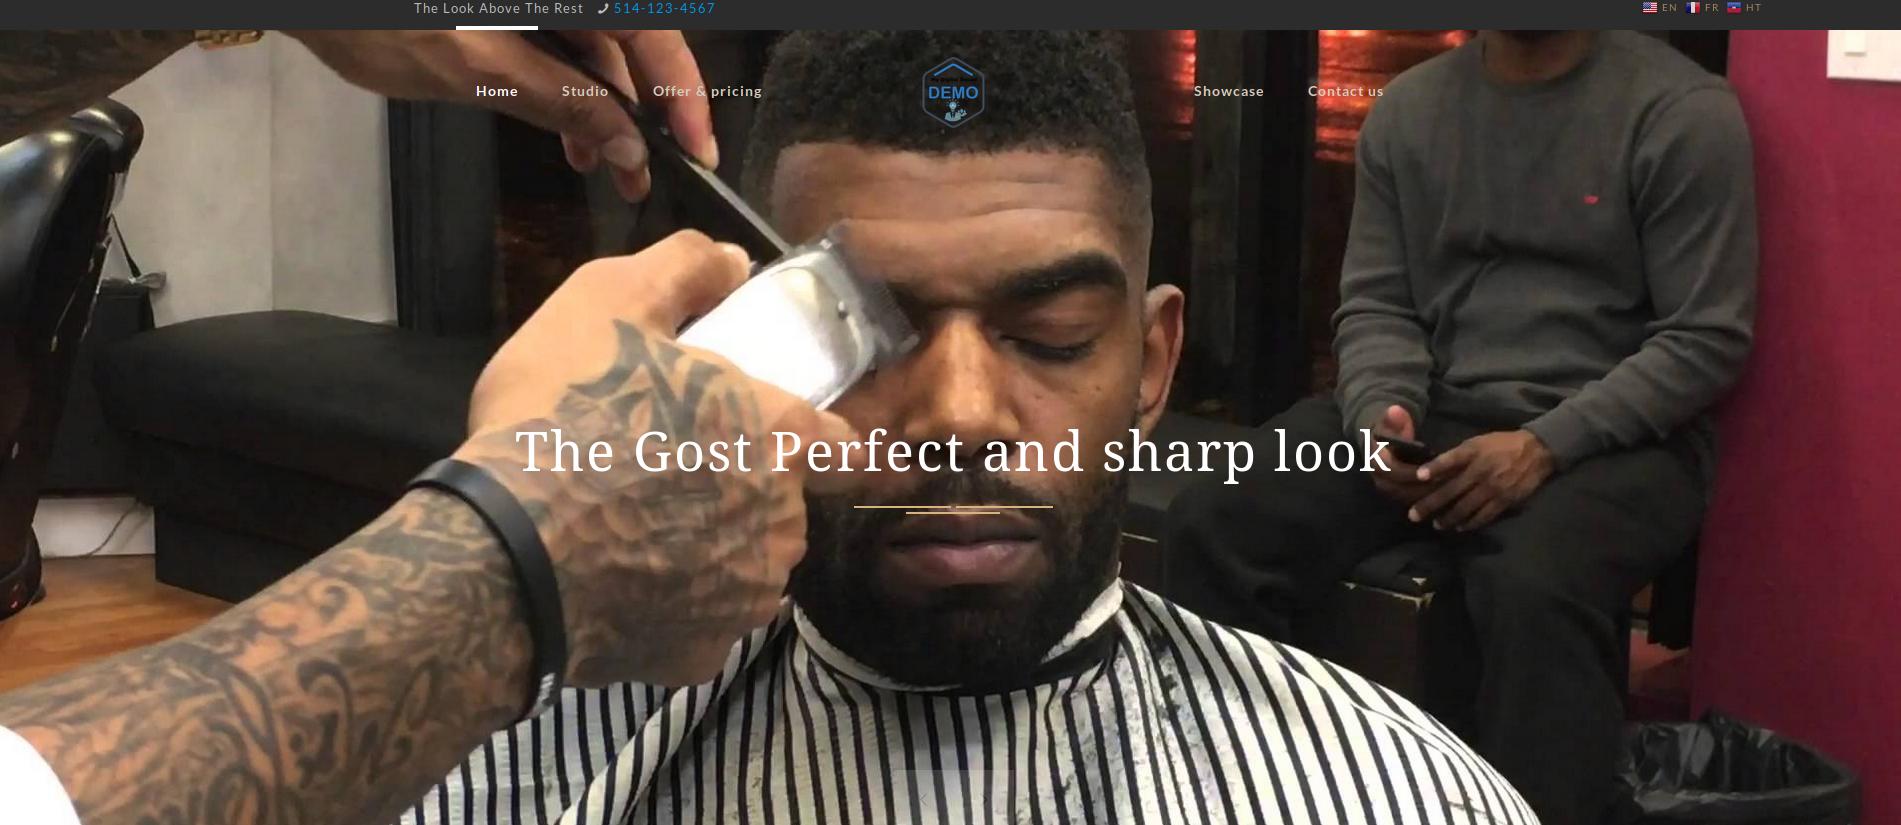 mens barberportfolio